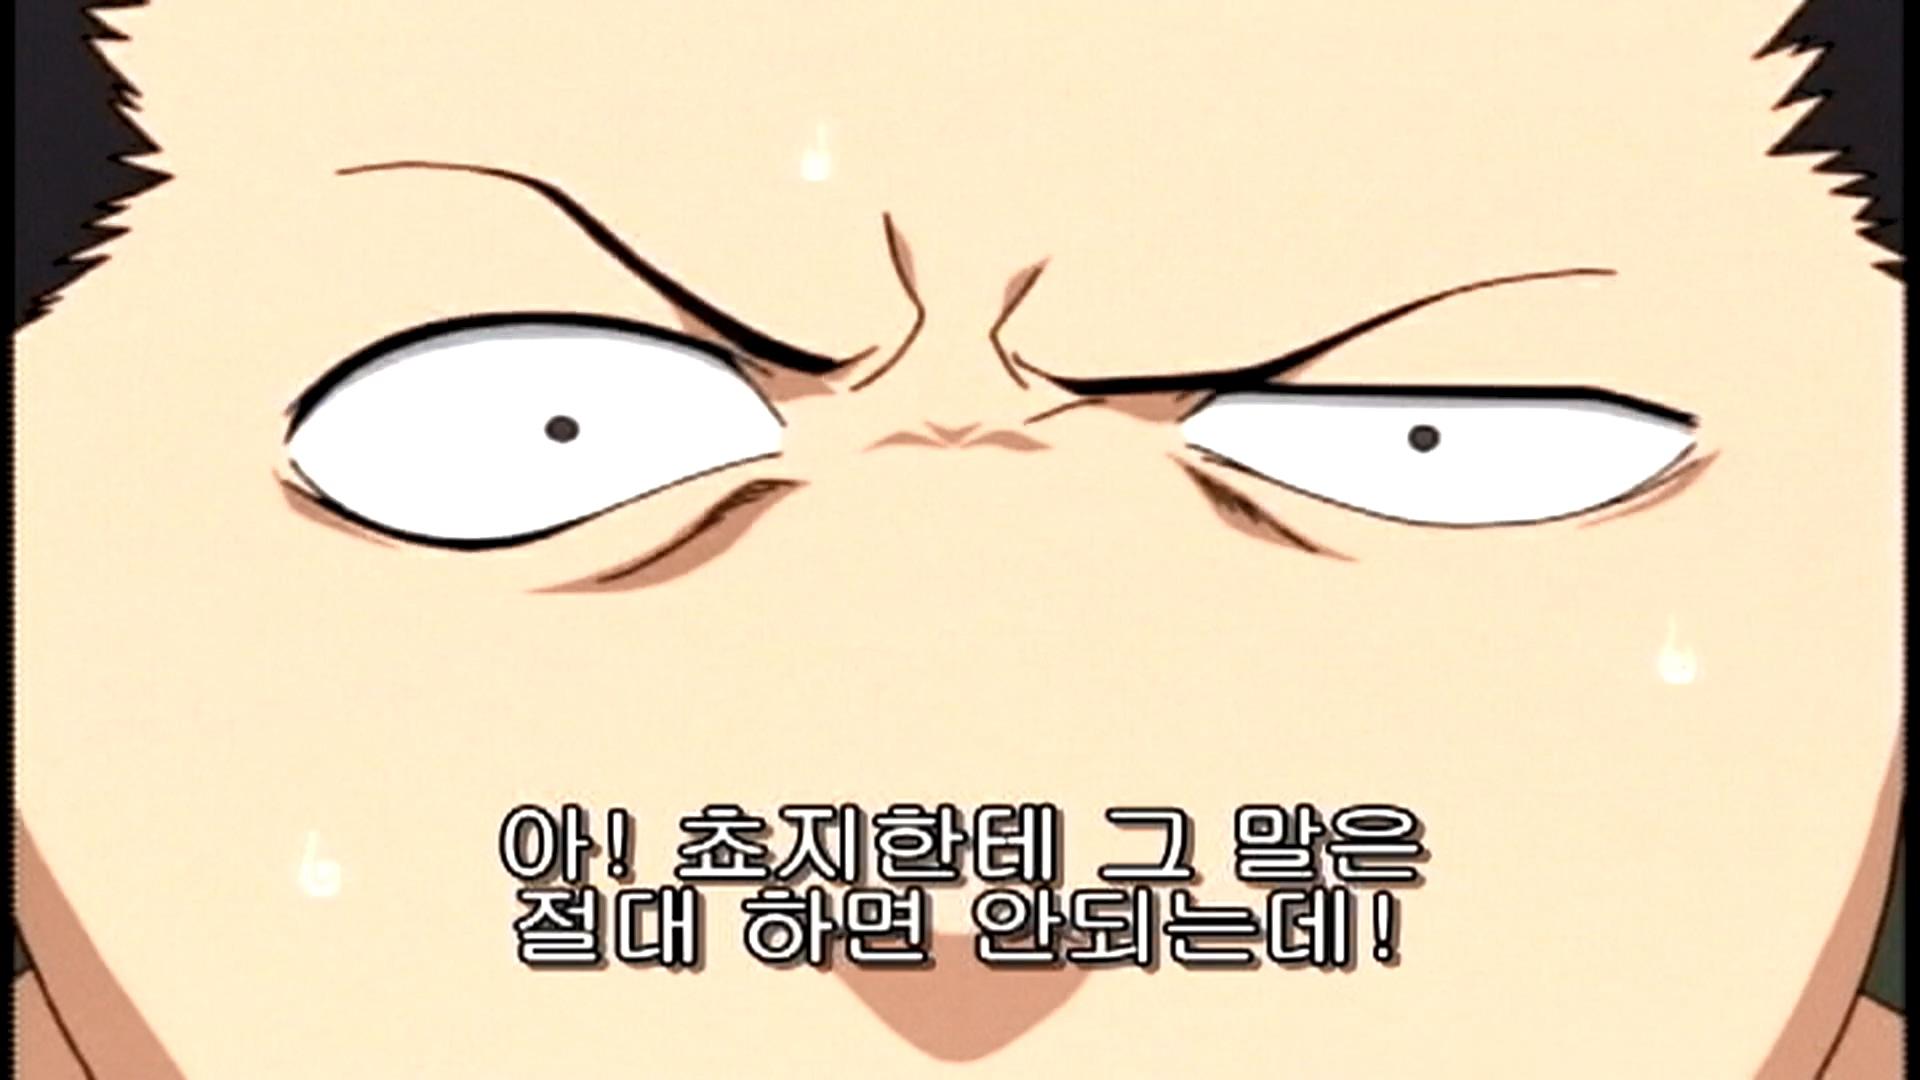 33화 무적의 포메이션! 이노시카쵸!!